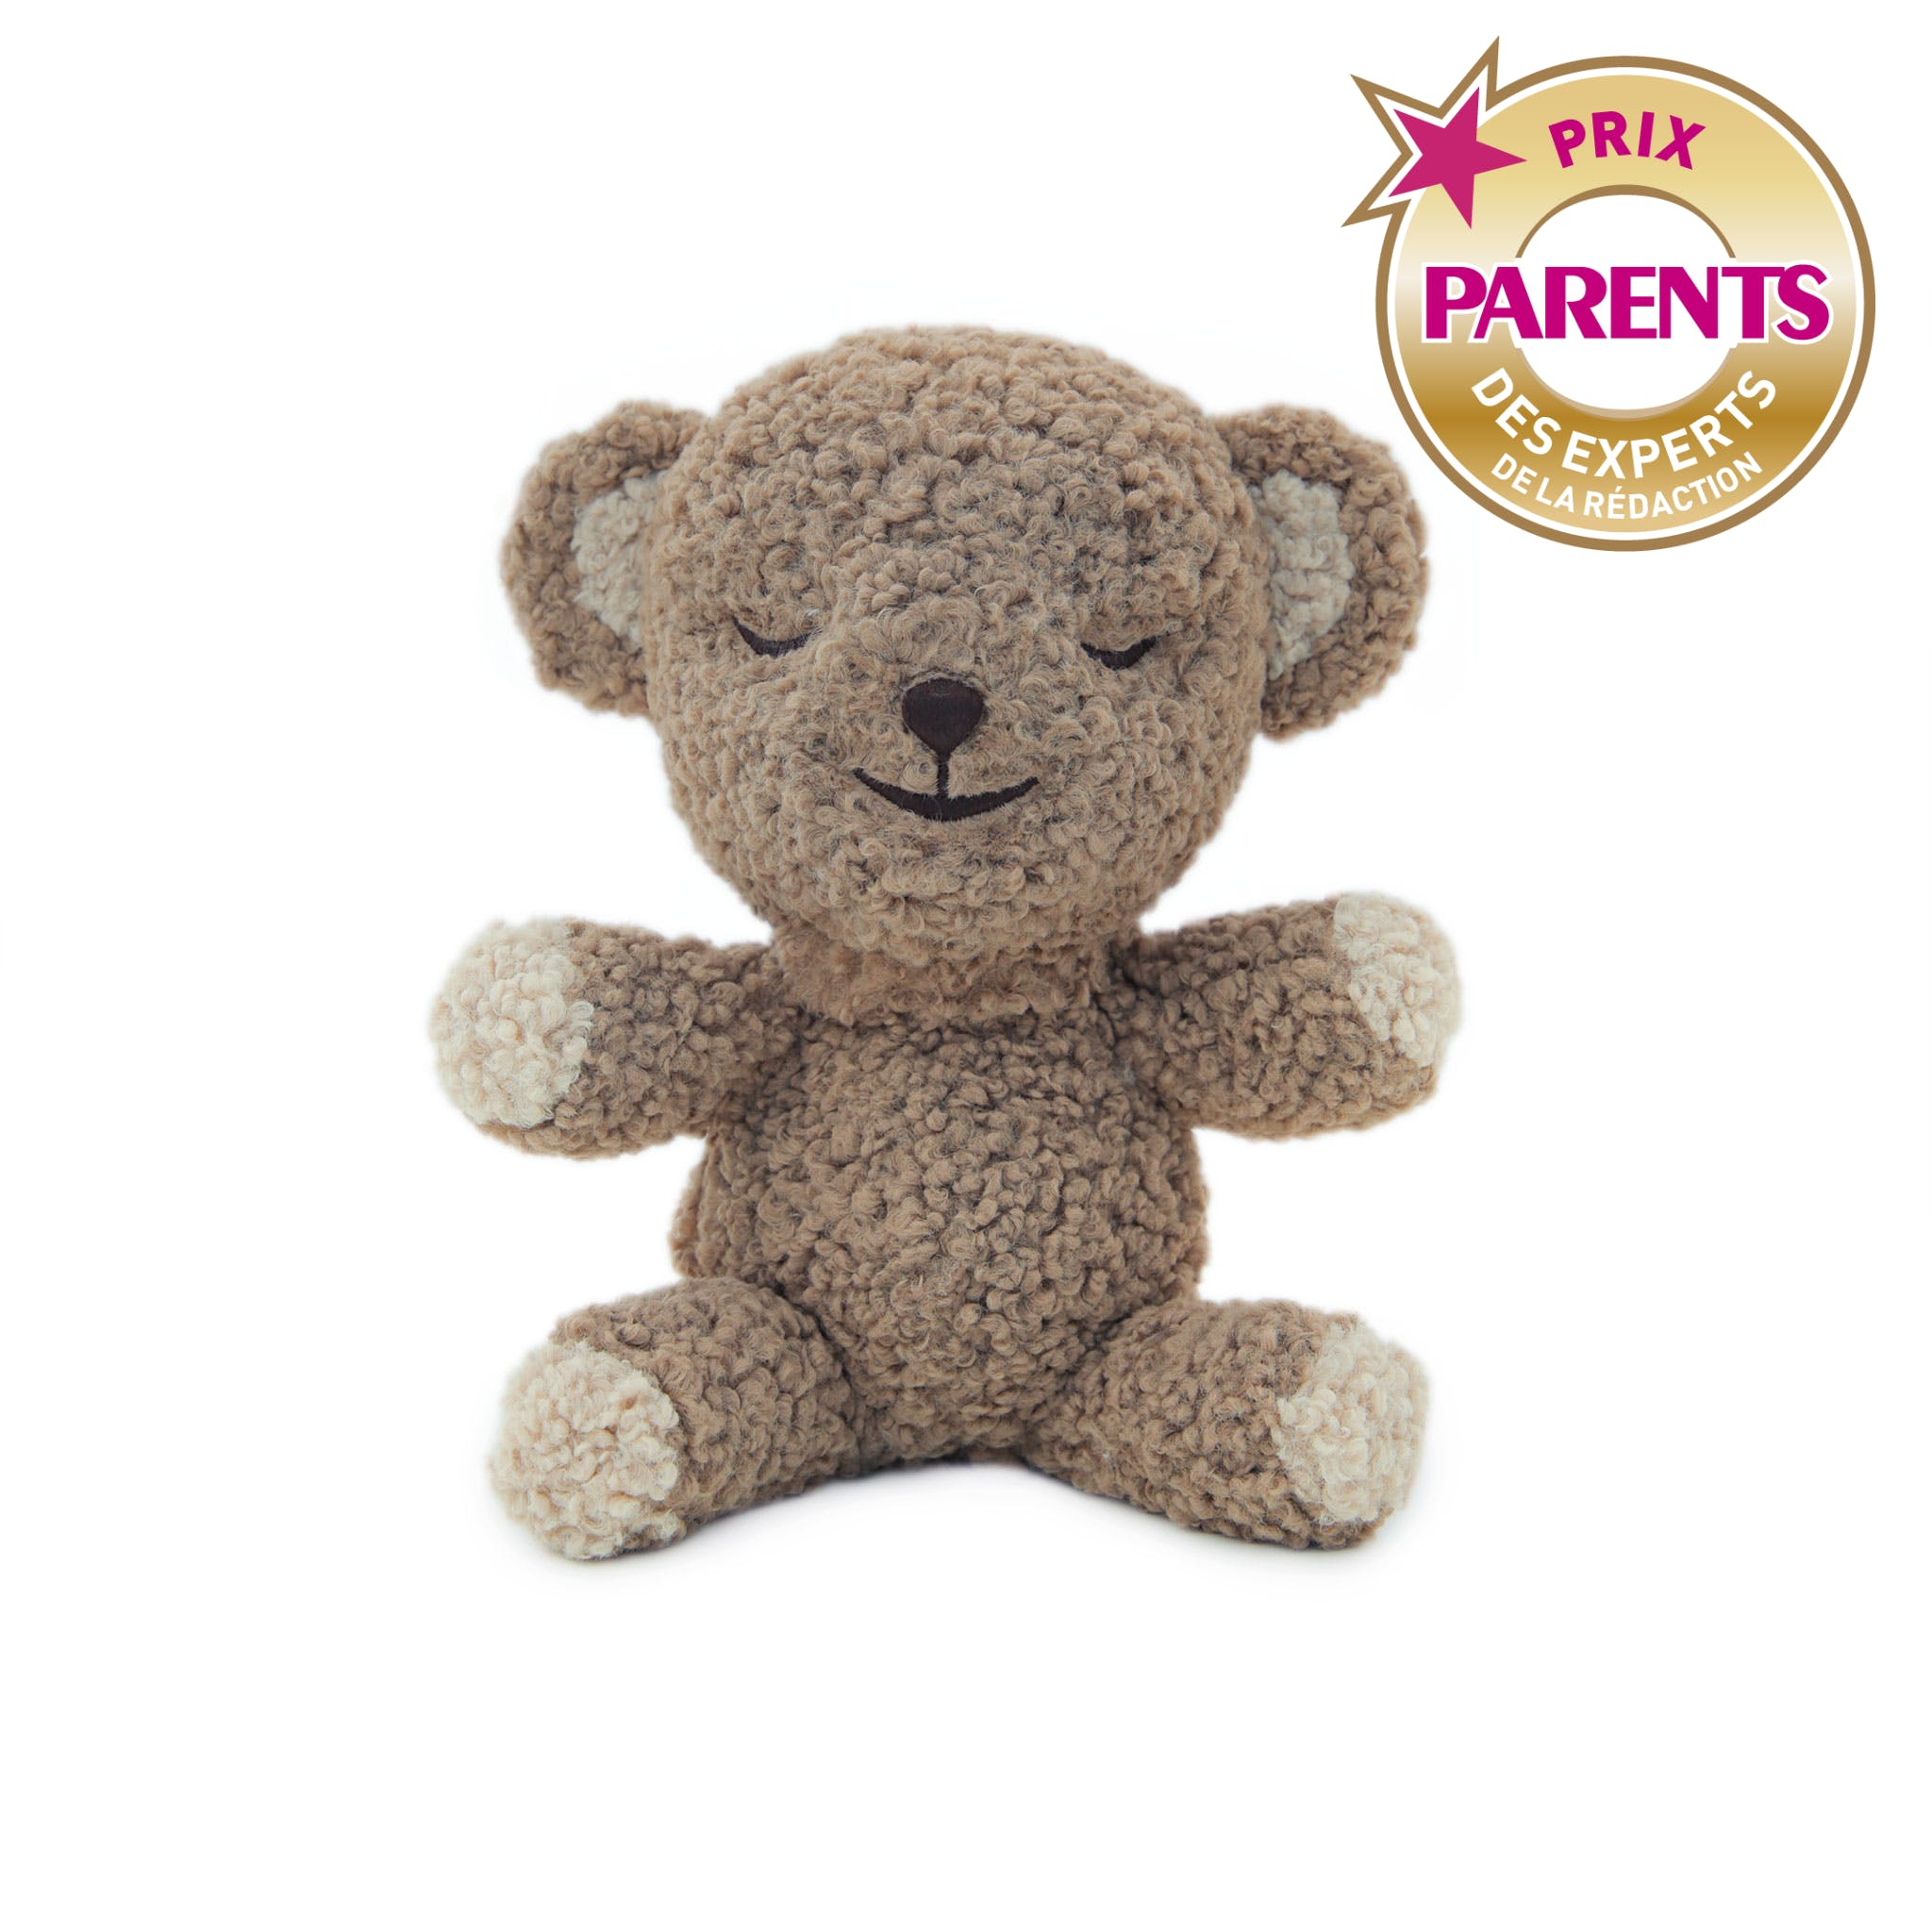 Peluche SNOObear d'HAPPIEST BABY | Prix PARENTS